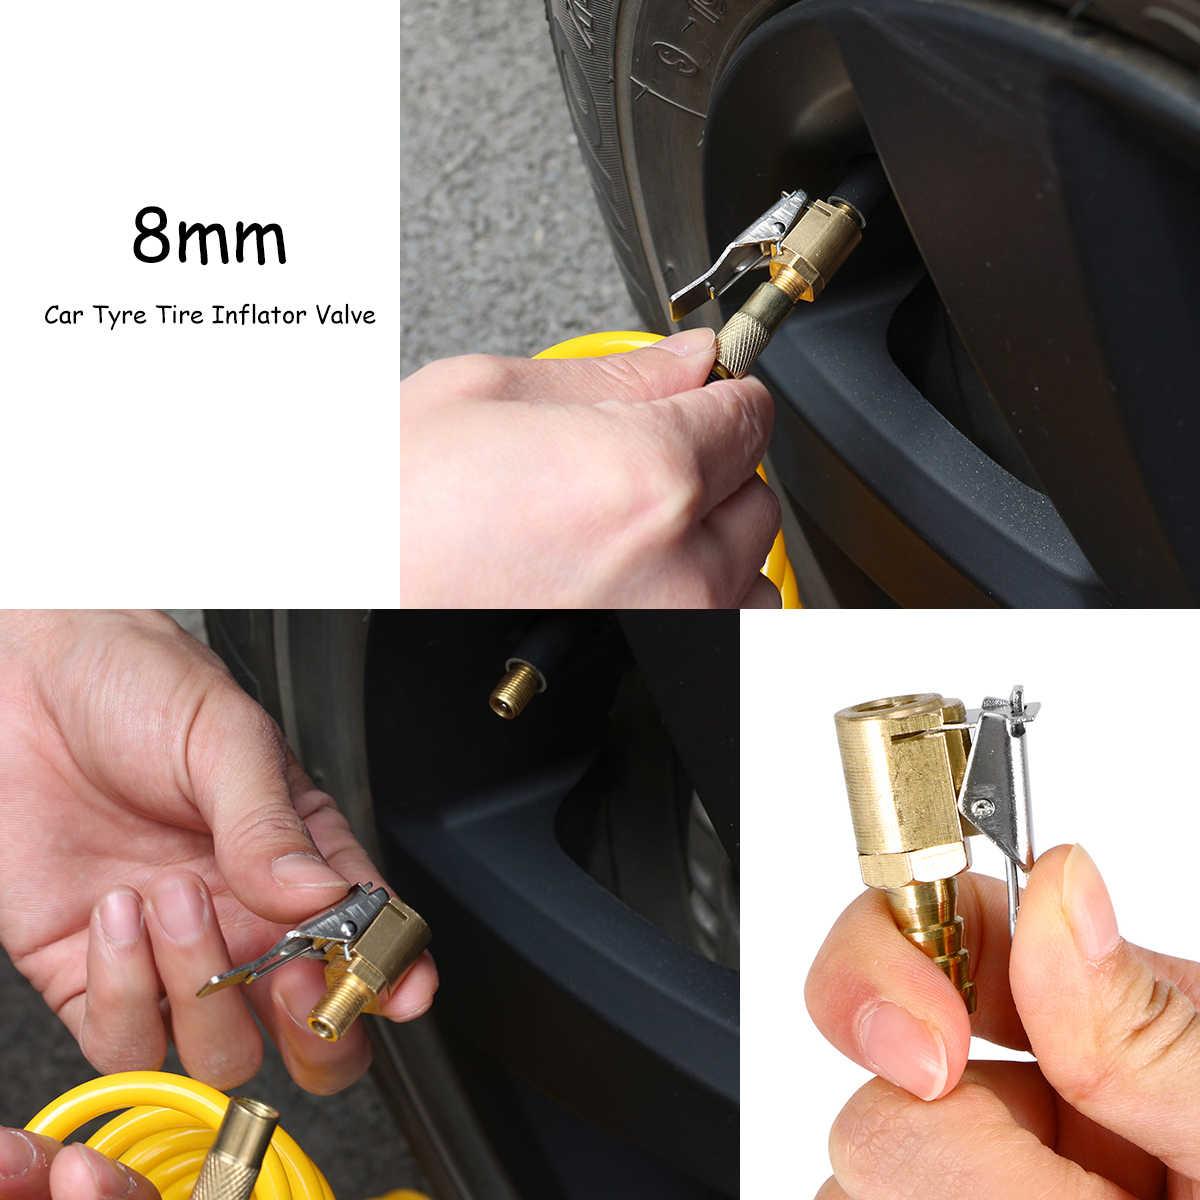 Válvula para Inflador de neumáticos de coche de 8mm, conector de conducto de aire, Conector de bomba neumática de cobre completo